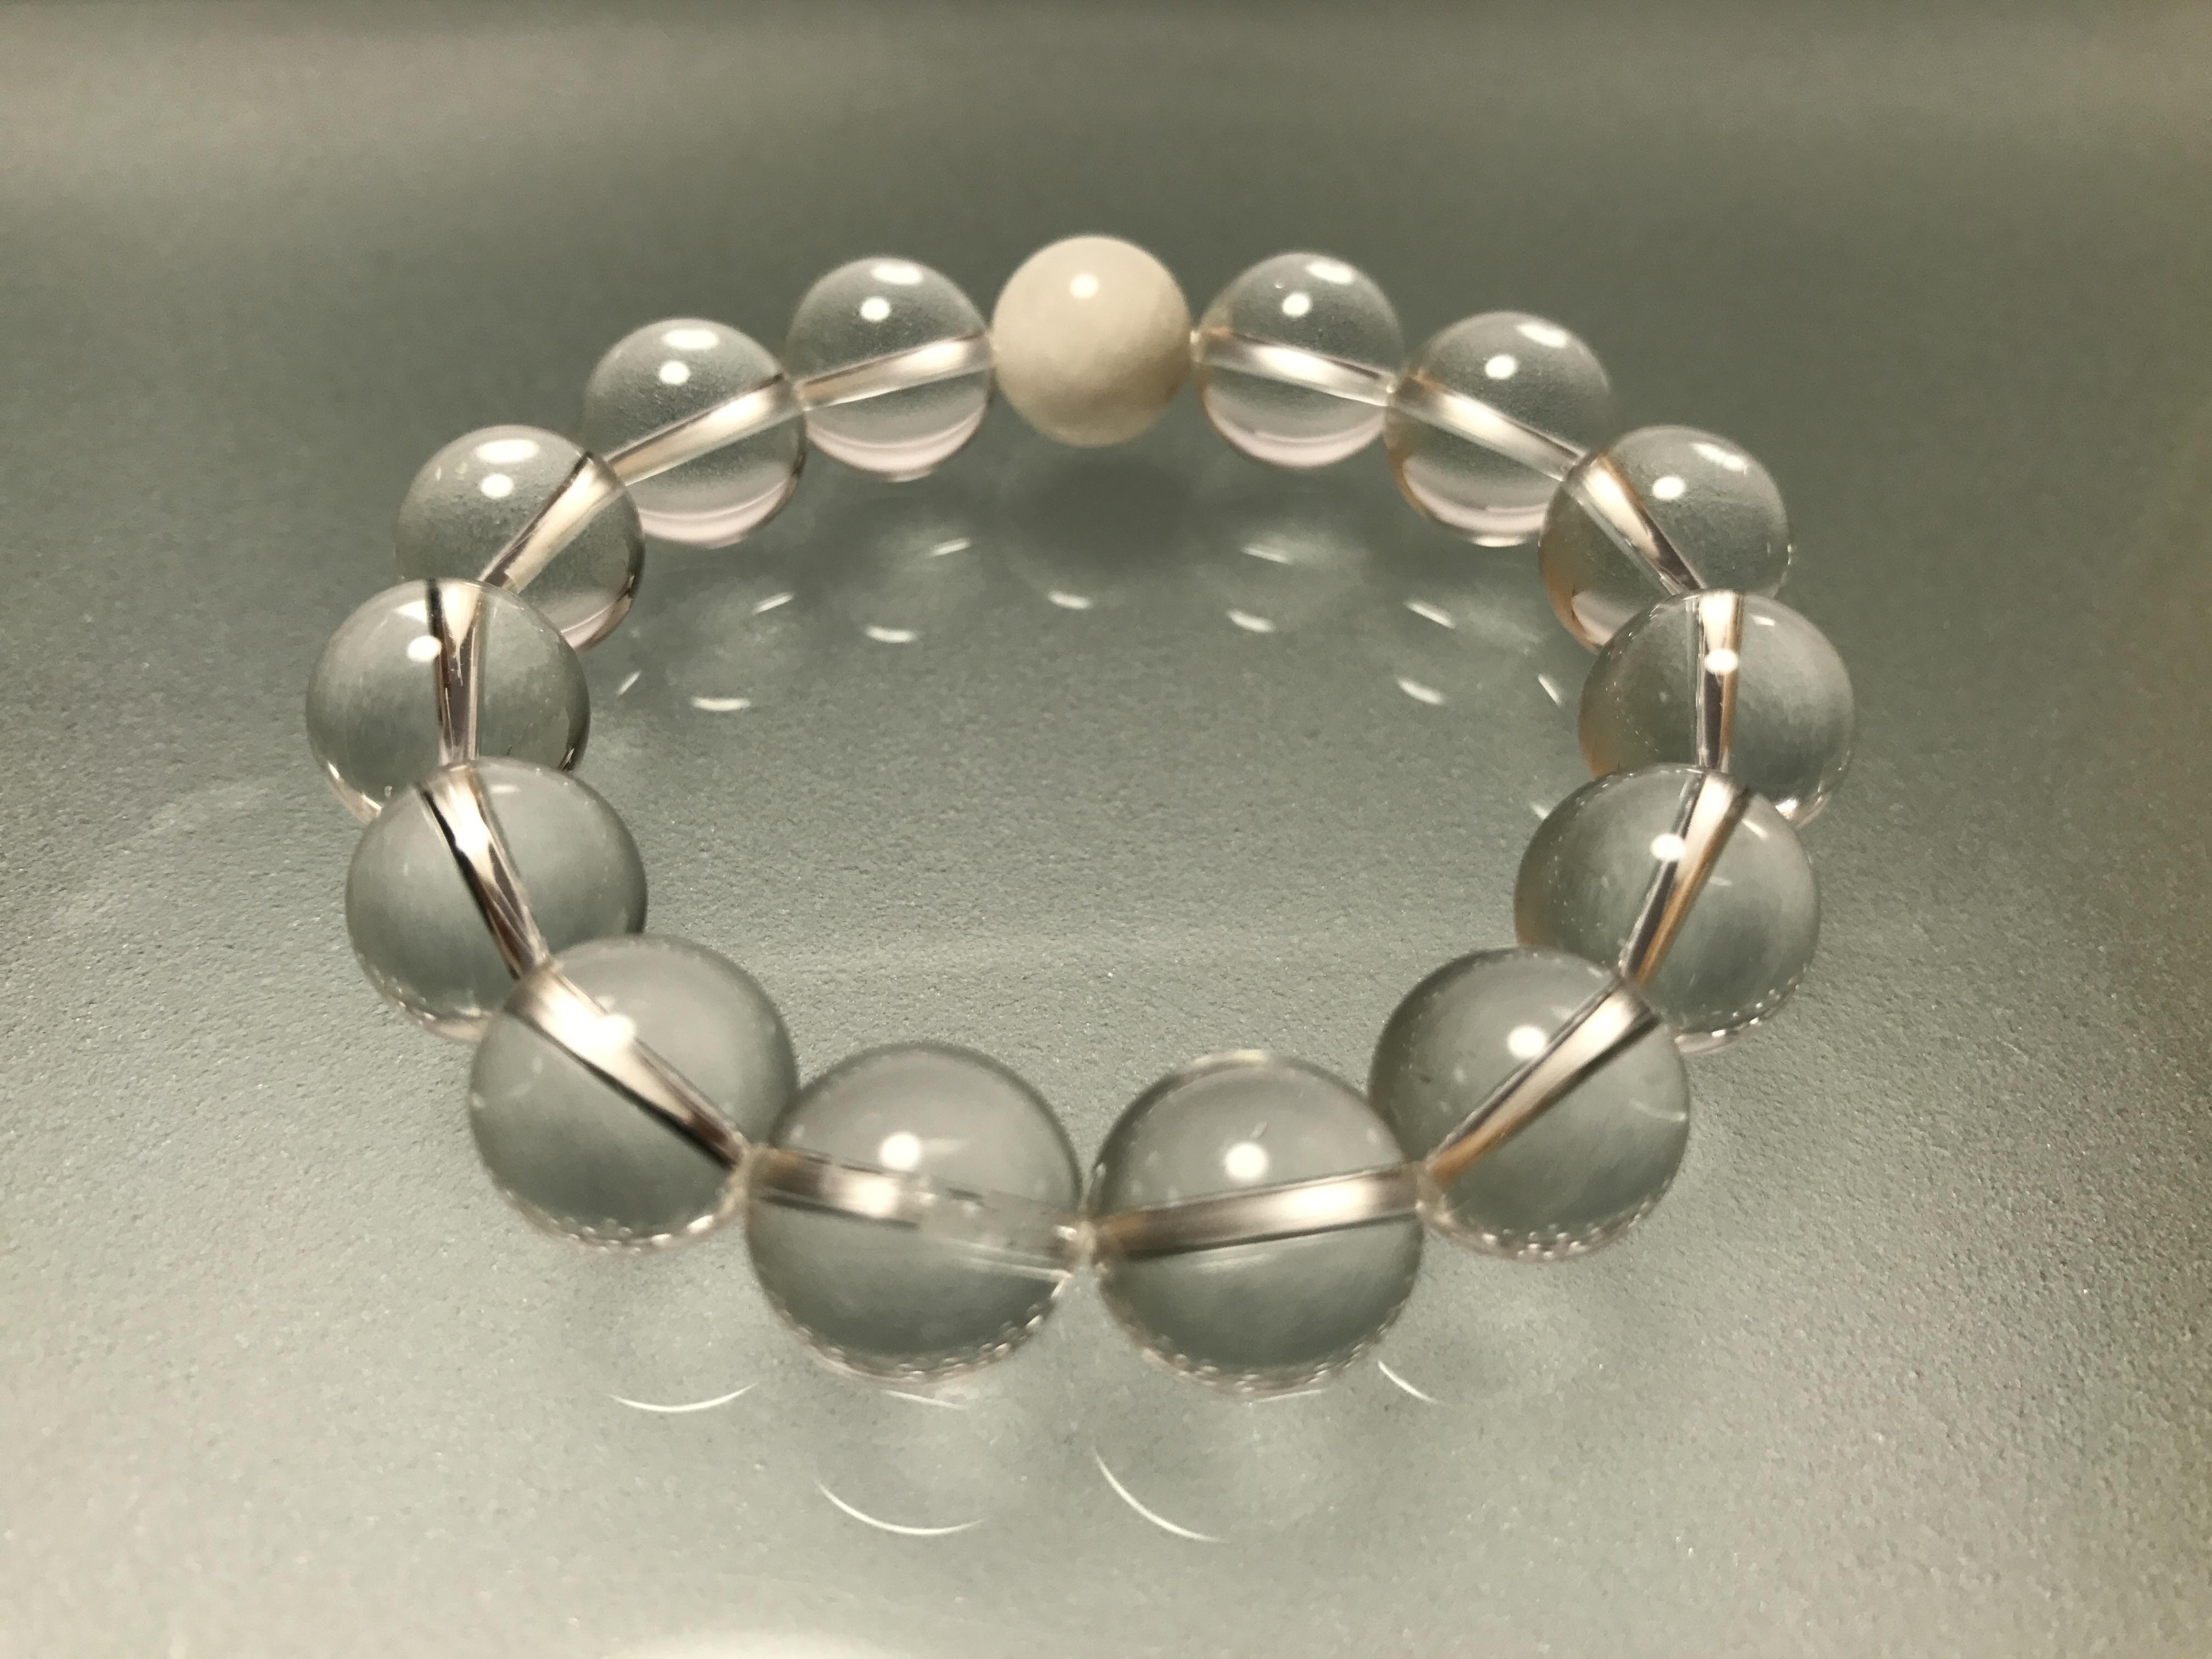 水晶&マザーオブパール 12mm  、浄化作用の水晶と、愛される要素を高めるマザーオブパールの組み合わせです。